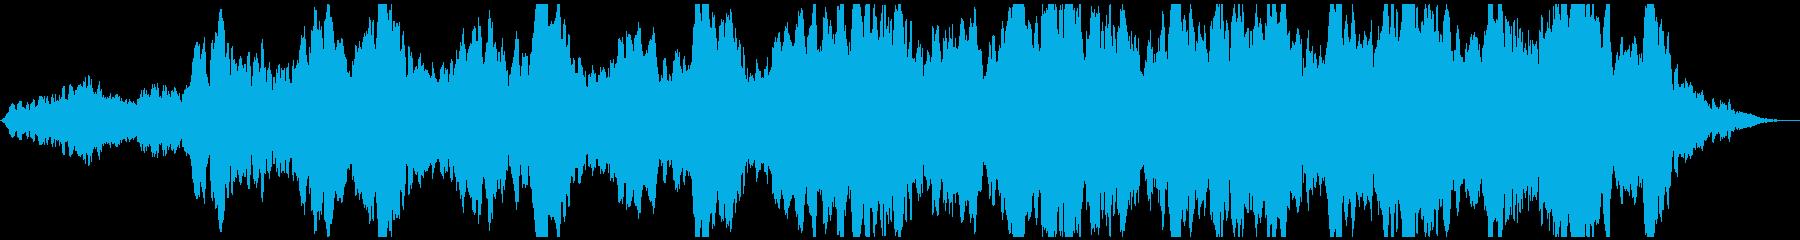 PADS 共鳴する01の再生済みの波形